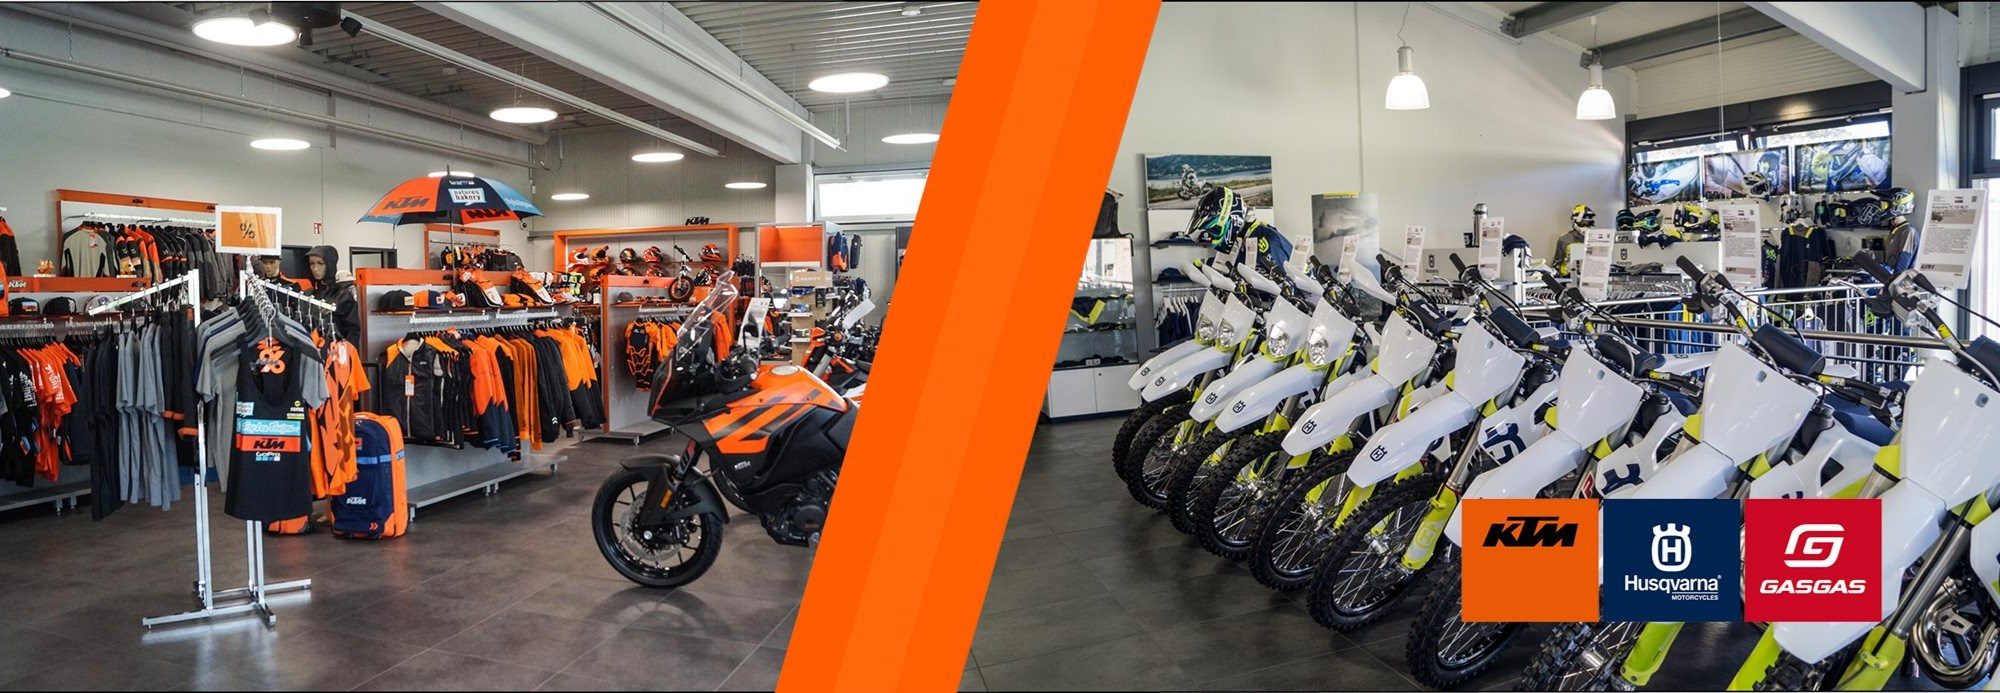 Willkommen bei GST Berlin - dein KTM, Husqvarna und Gasgas Motorrad Händler in Berlin Biesdorf und Dreilinden